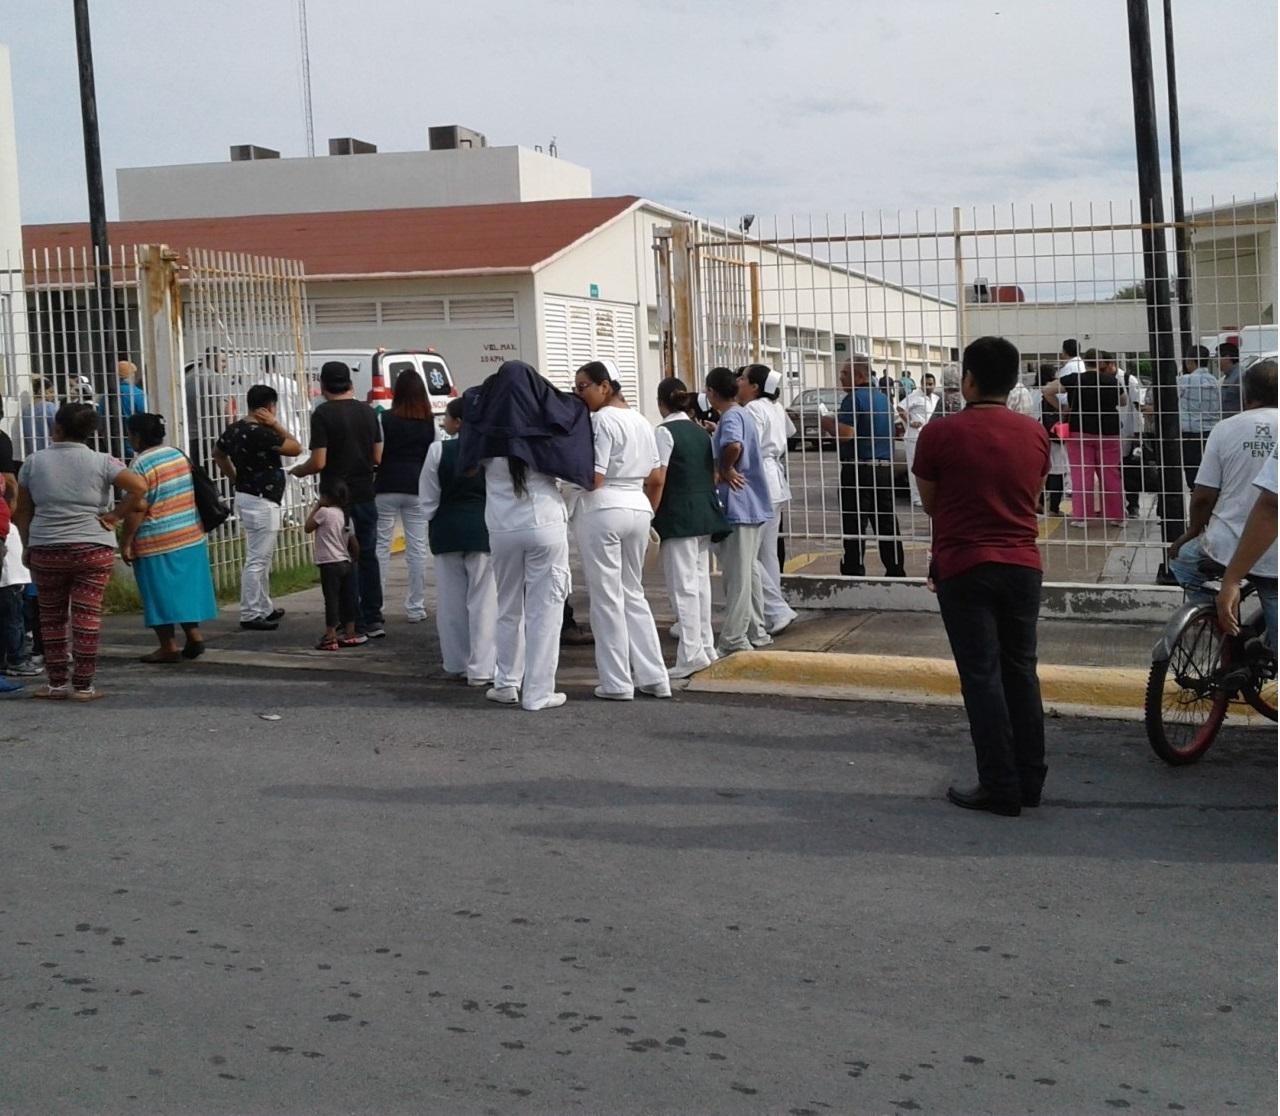 EVACUAN. Personal médico, administrativo y de enfermería del Hospital #17 del IMSS en esta ciudad, fueron evacuados ayer en la mañana por personal de Protección Civil y Bomberos como parte de un simulacro de sismo.